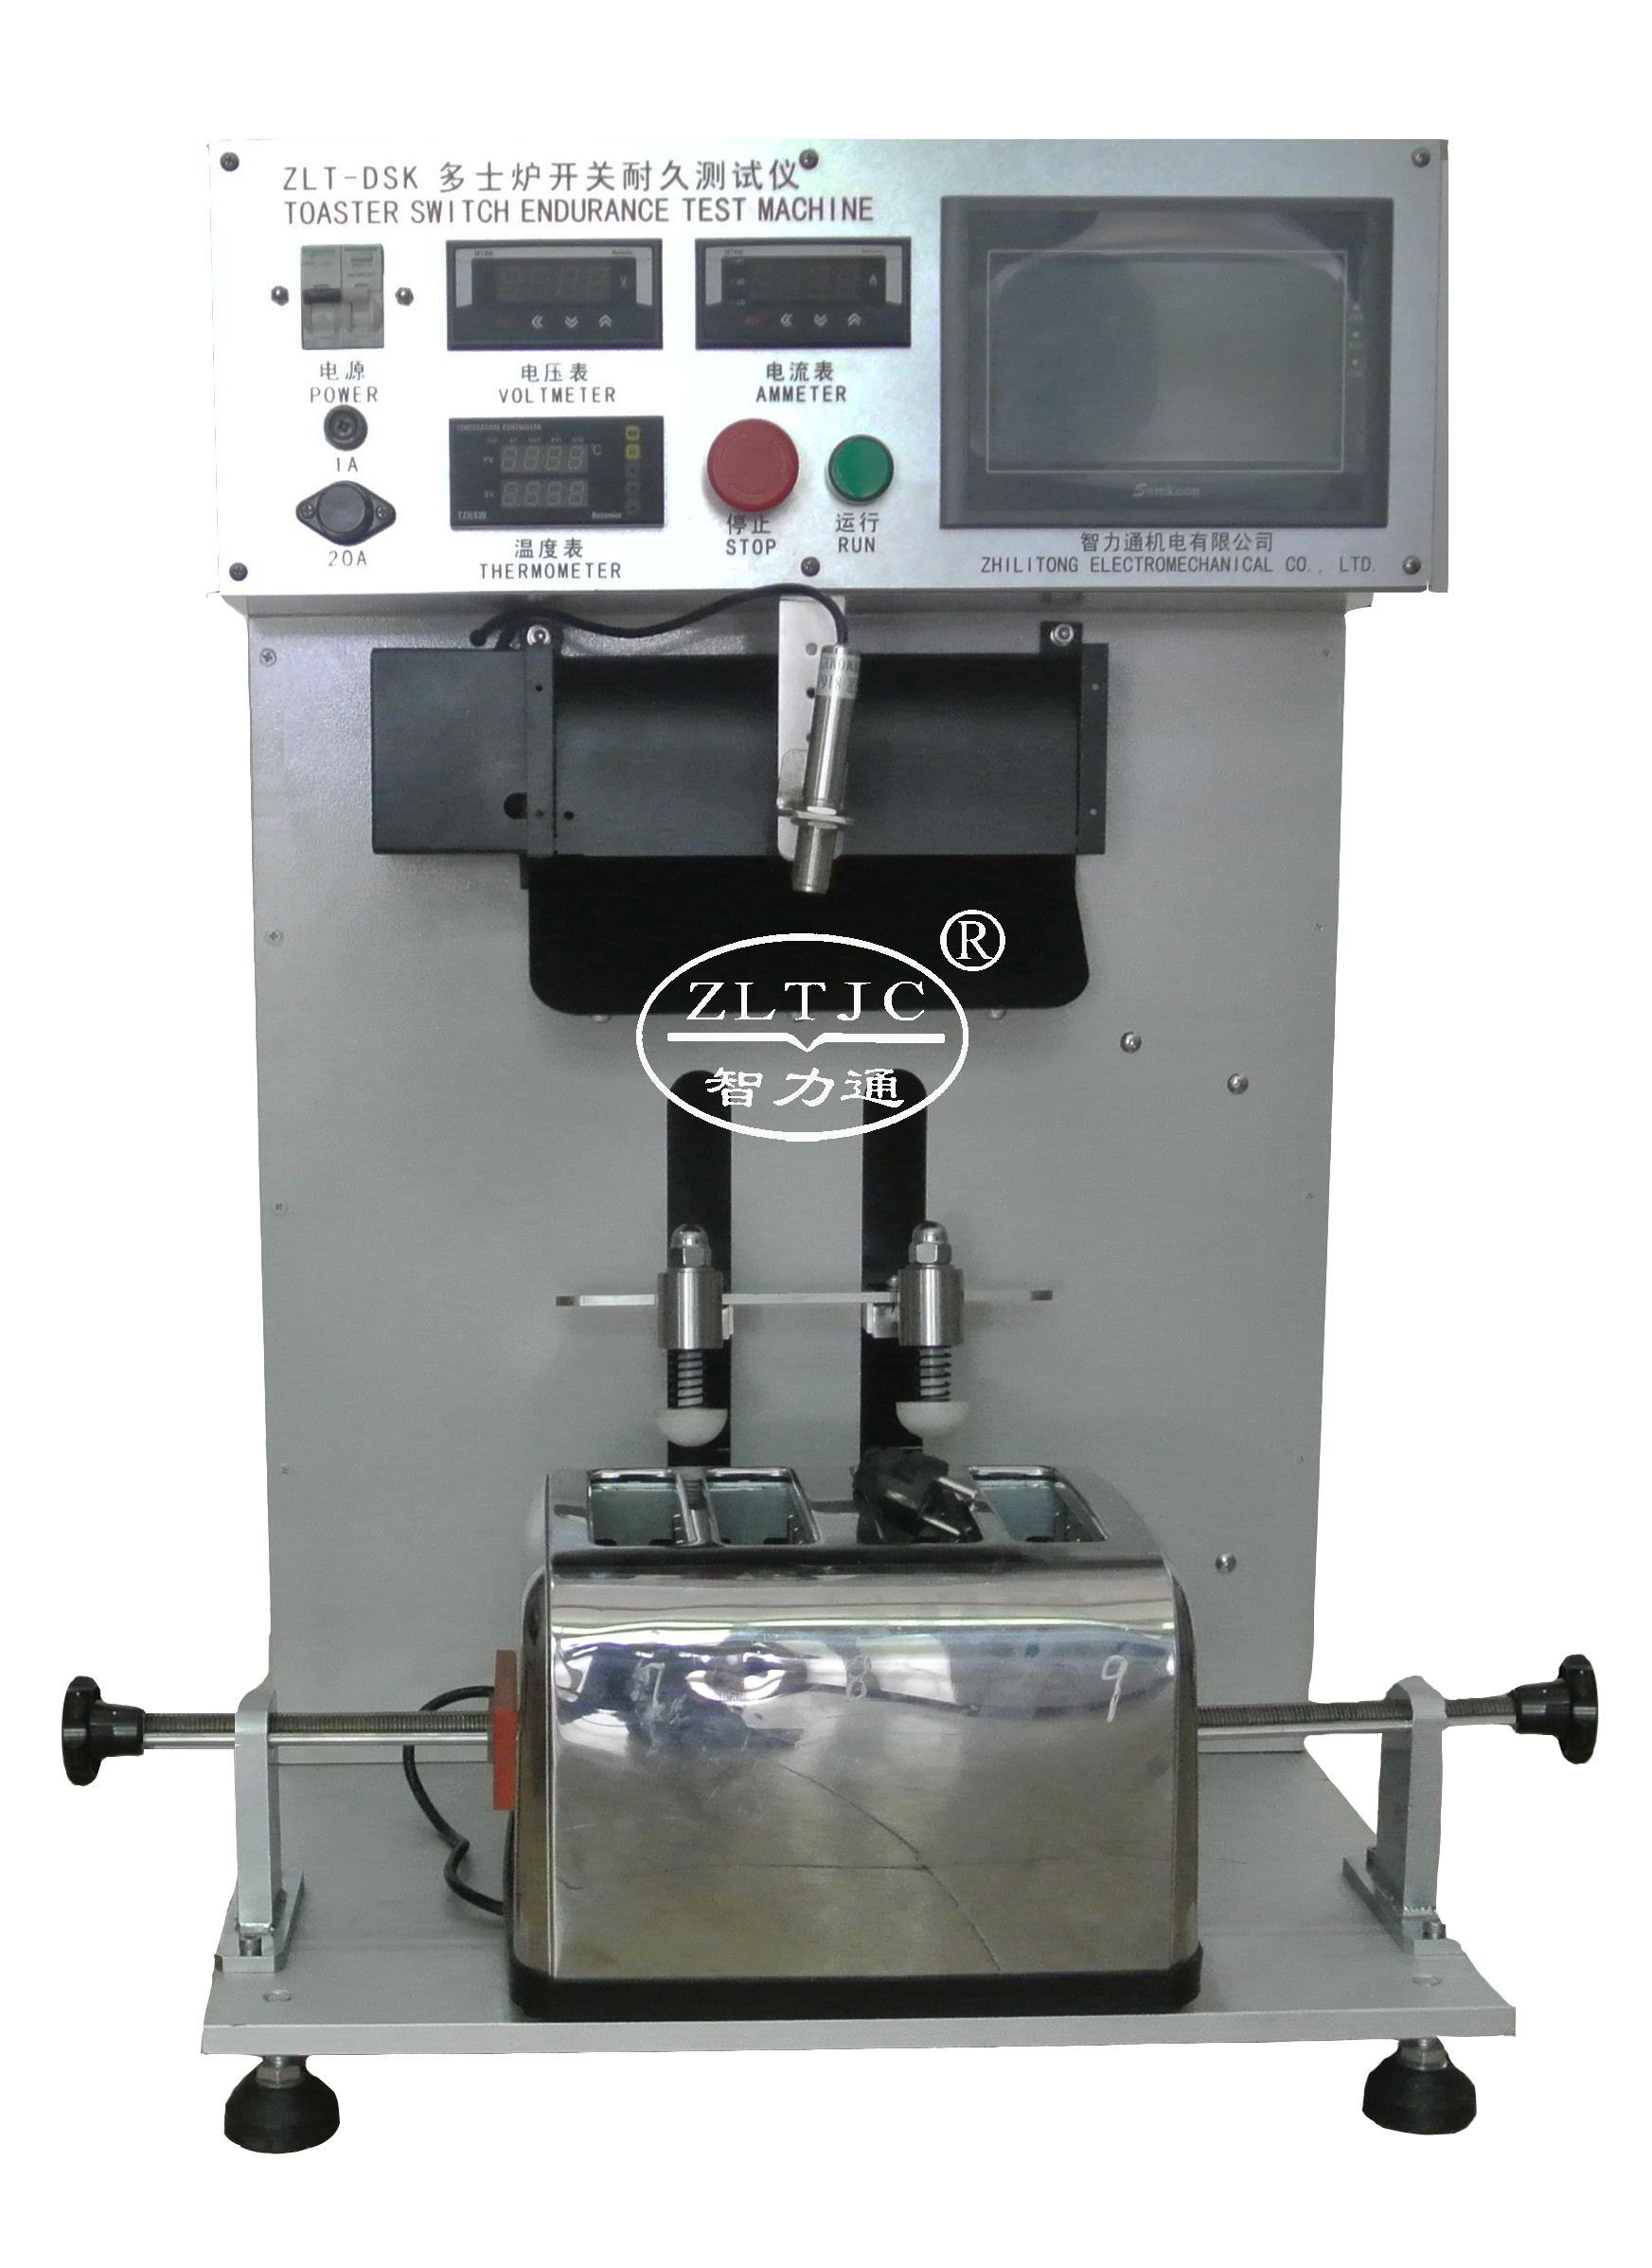 多士炉开关耐久测试仪:ZLT-DSK1